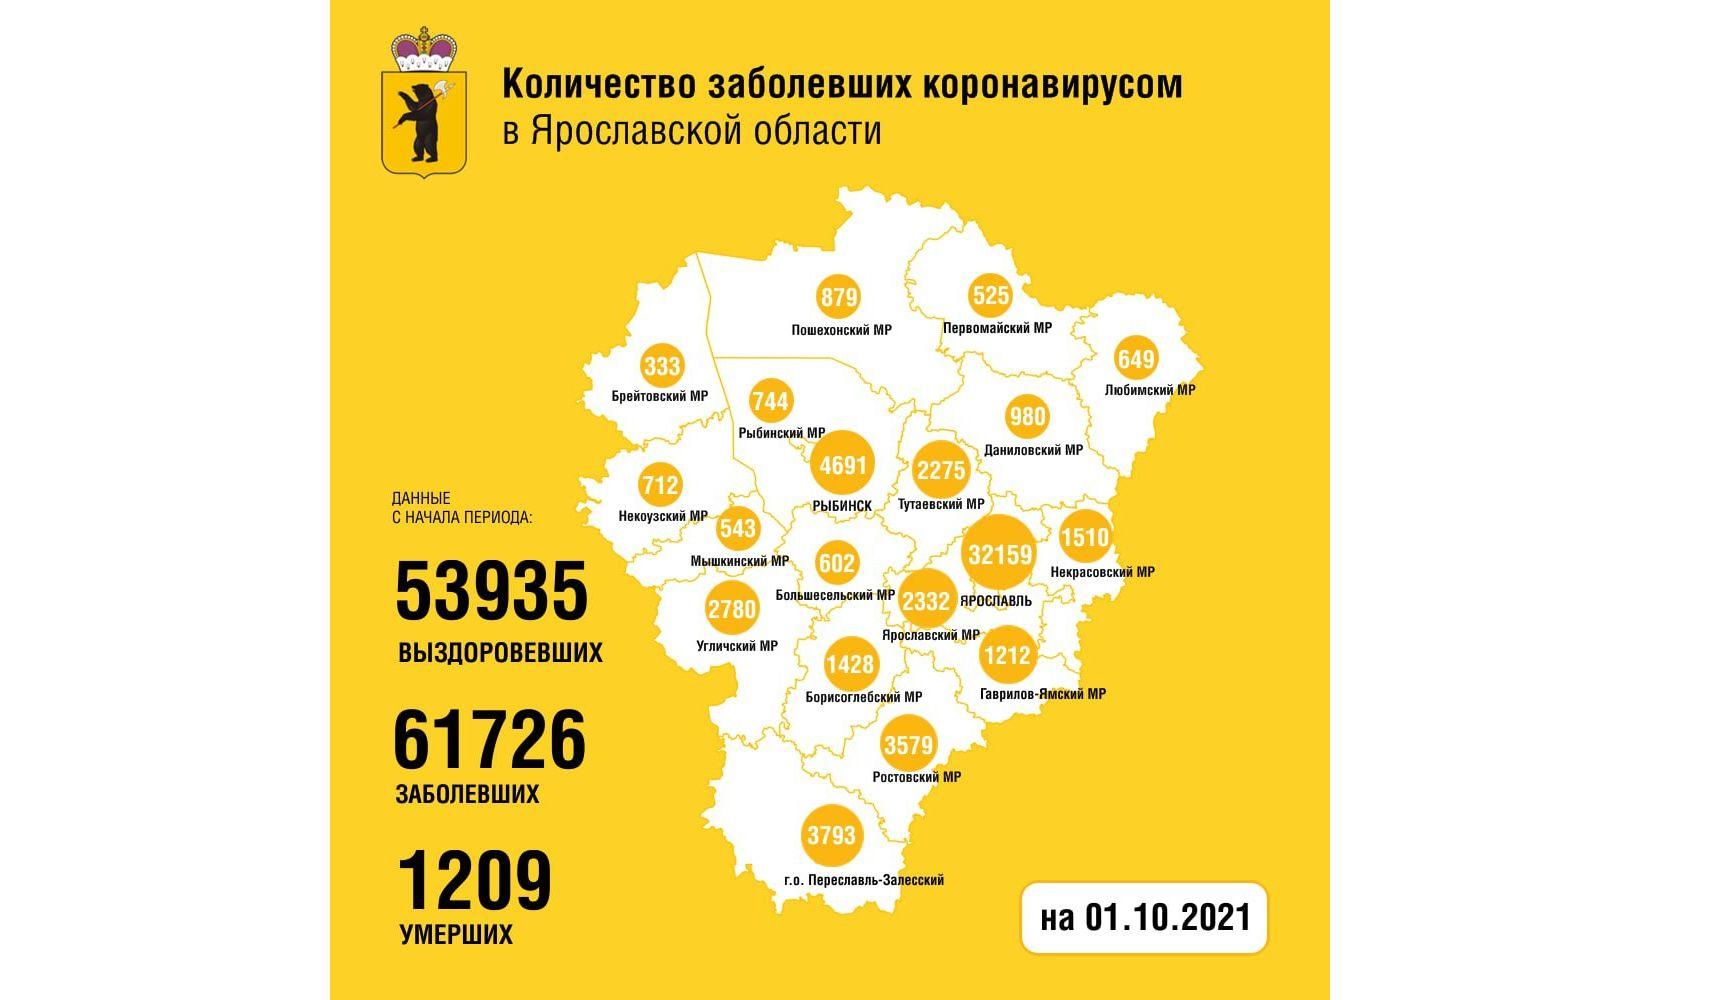 В Ярославской области установлен рекорд по количеству заболевших коронавирусом за сутки